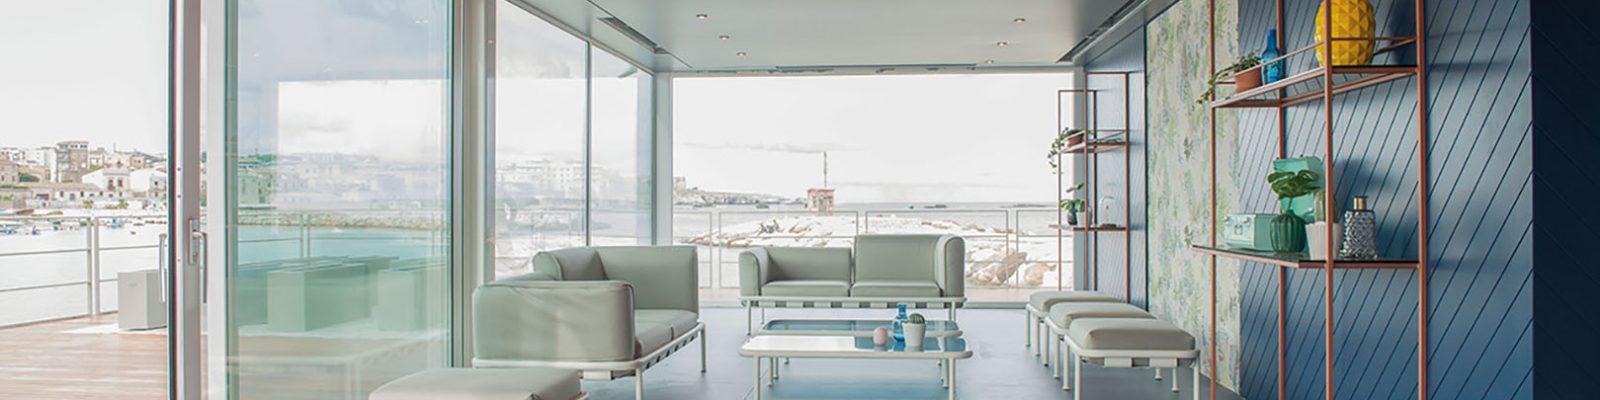 Emu Outlet Marsciano. Marsciano (PG) . Arredo e progettazione per esterni,giardini e piscine,forniture per Hotel, Bar e Ristoranti.